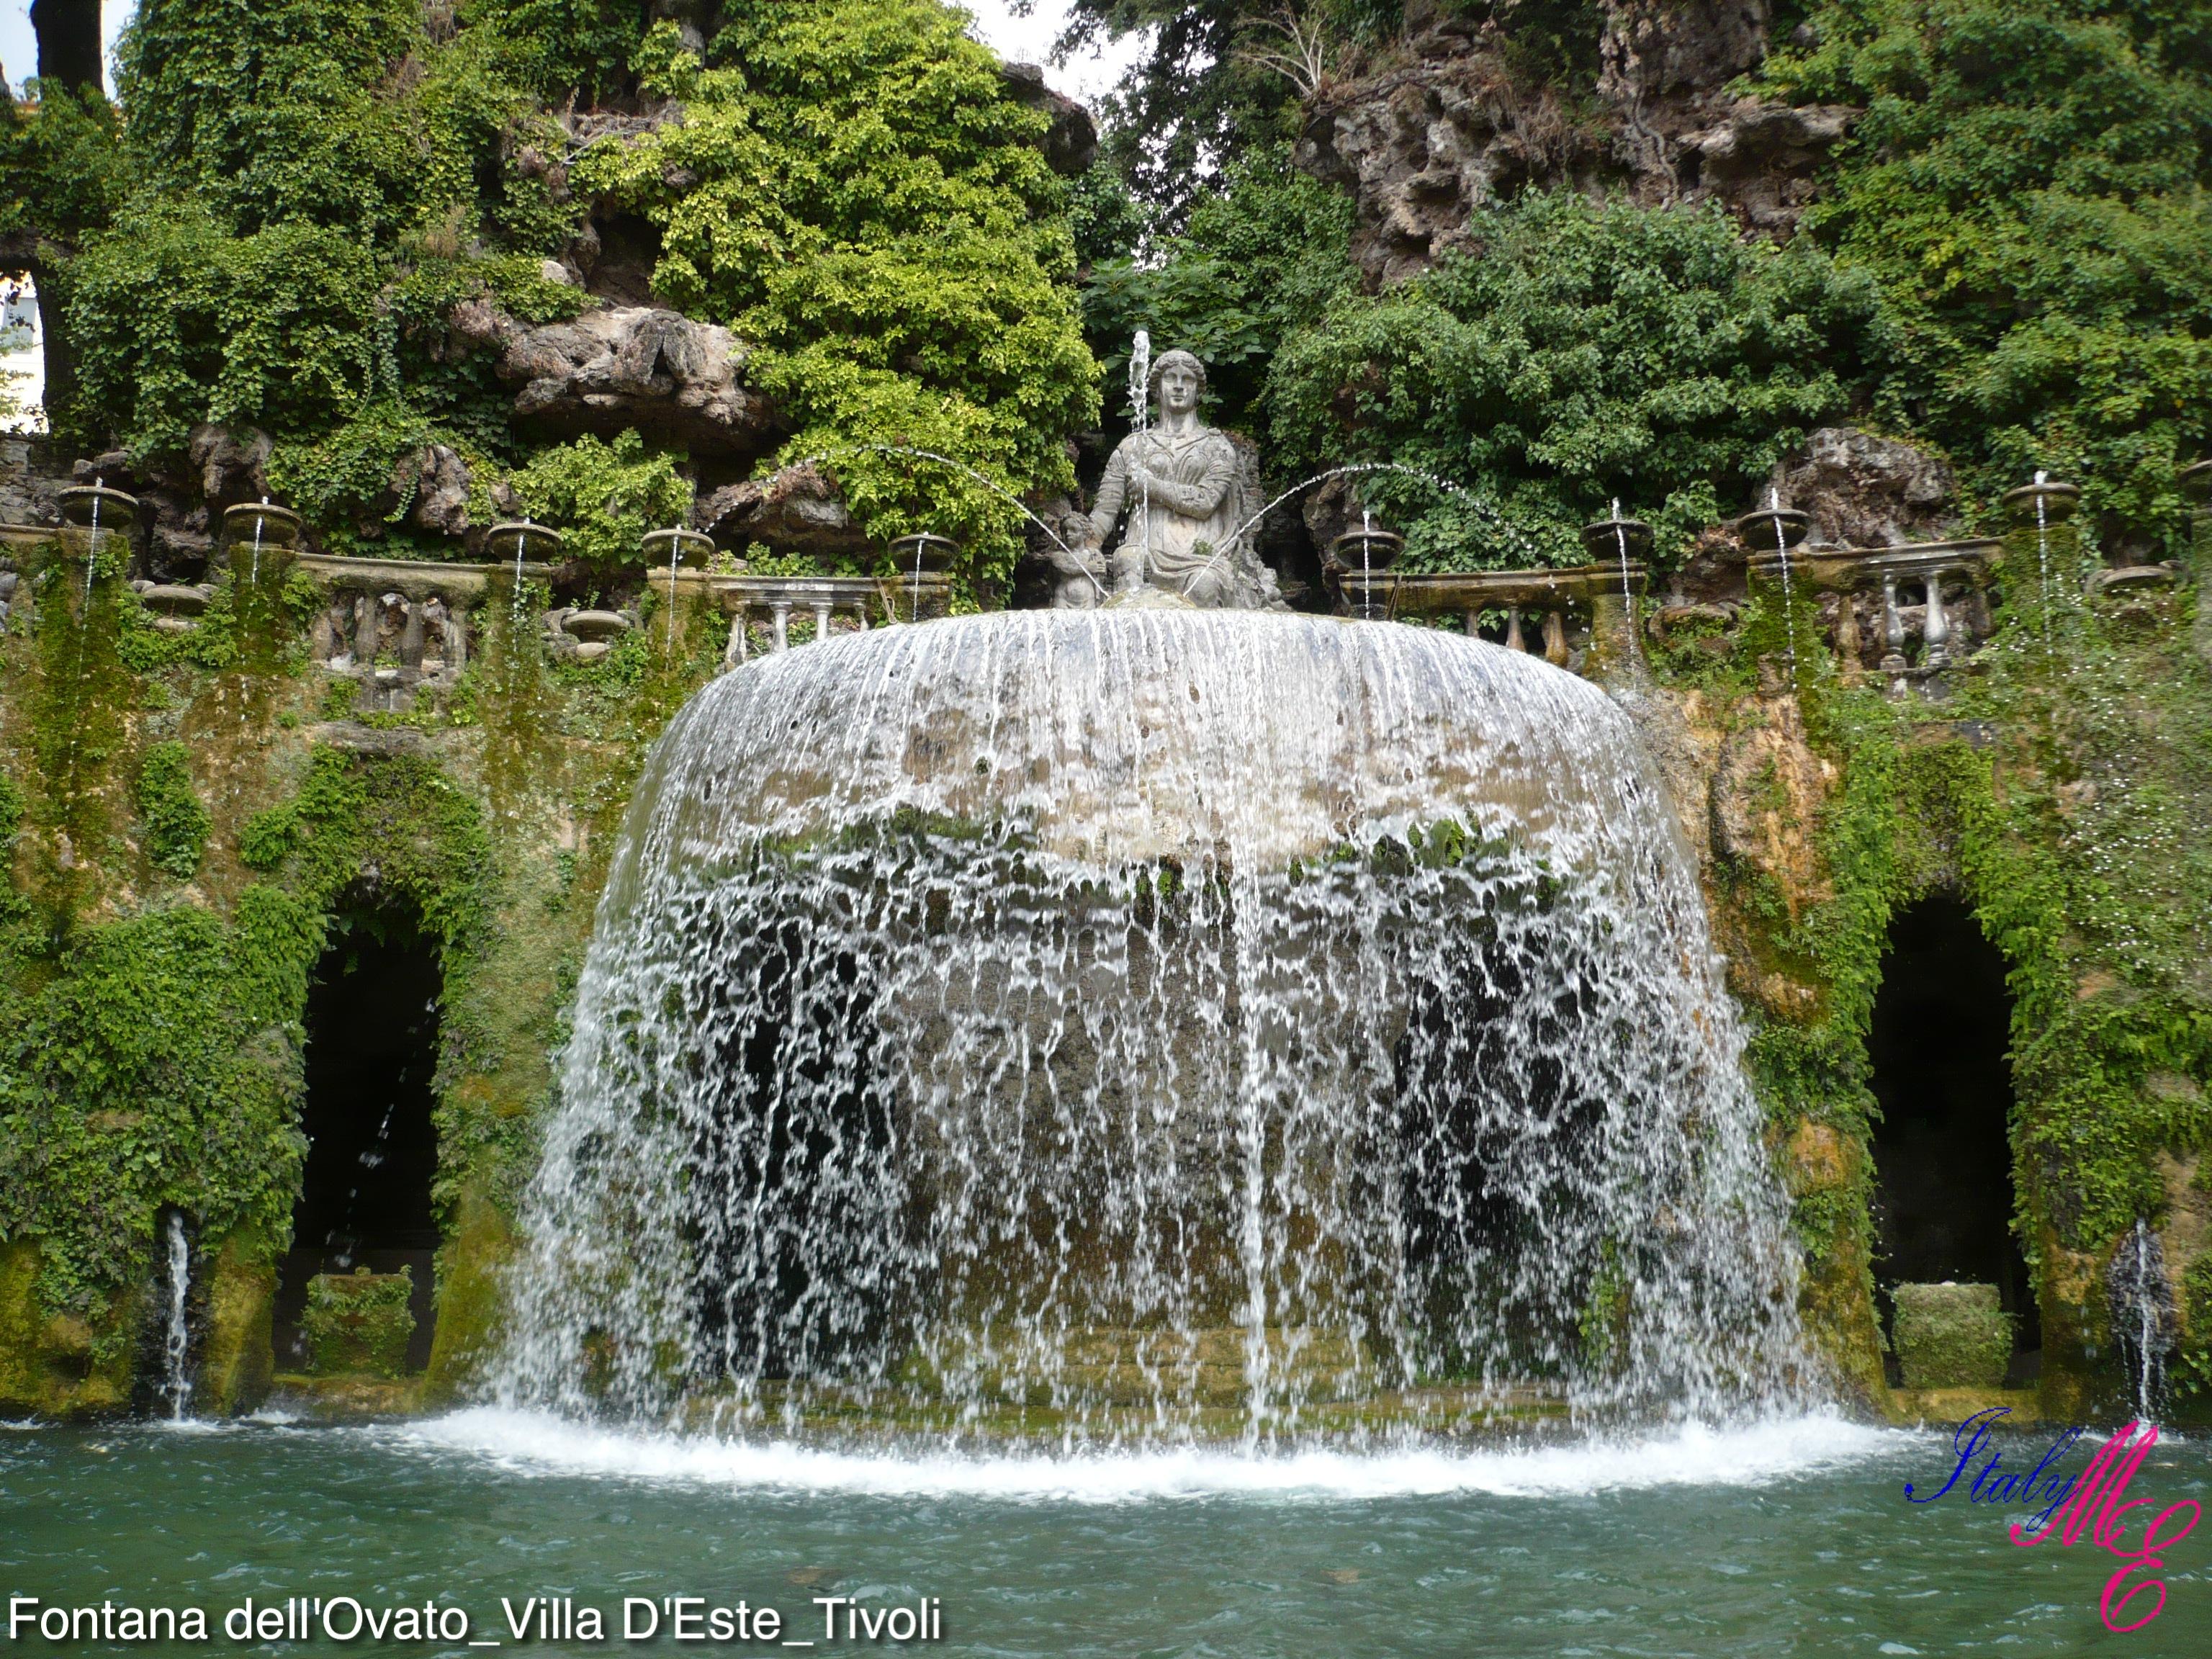 Giardino dei punti e fontane a cascata per giardino - Fontane a cascata da giardino ...